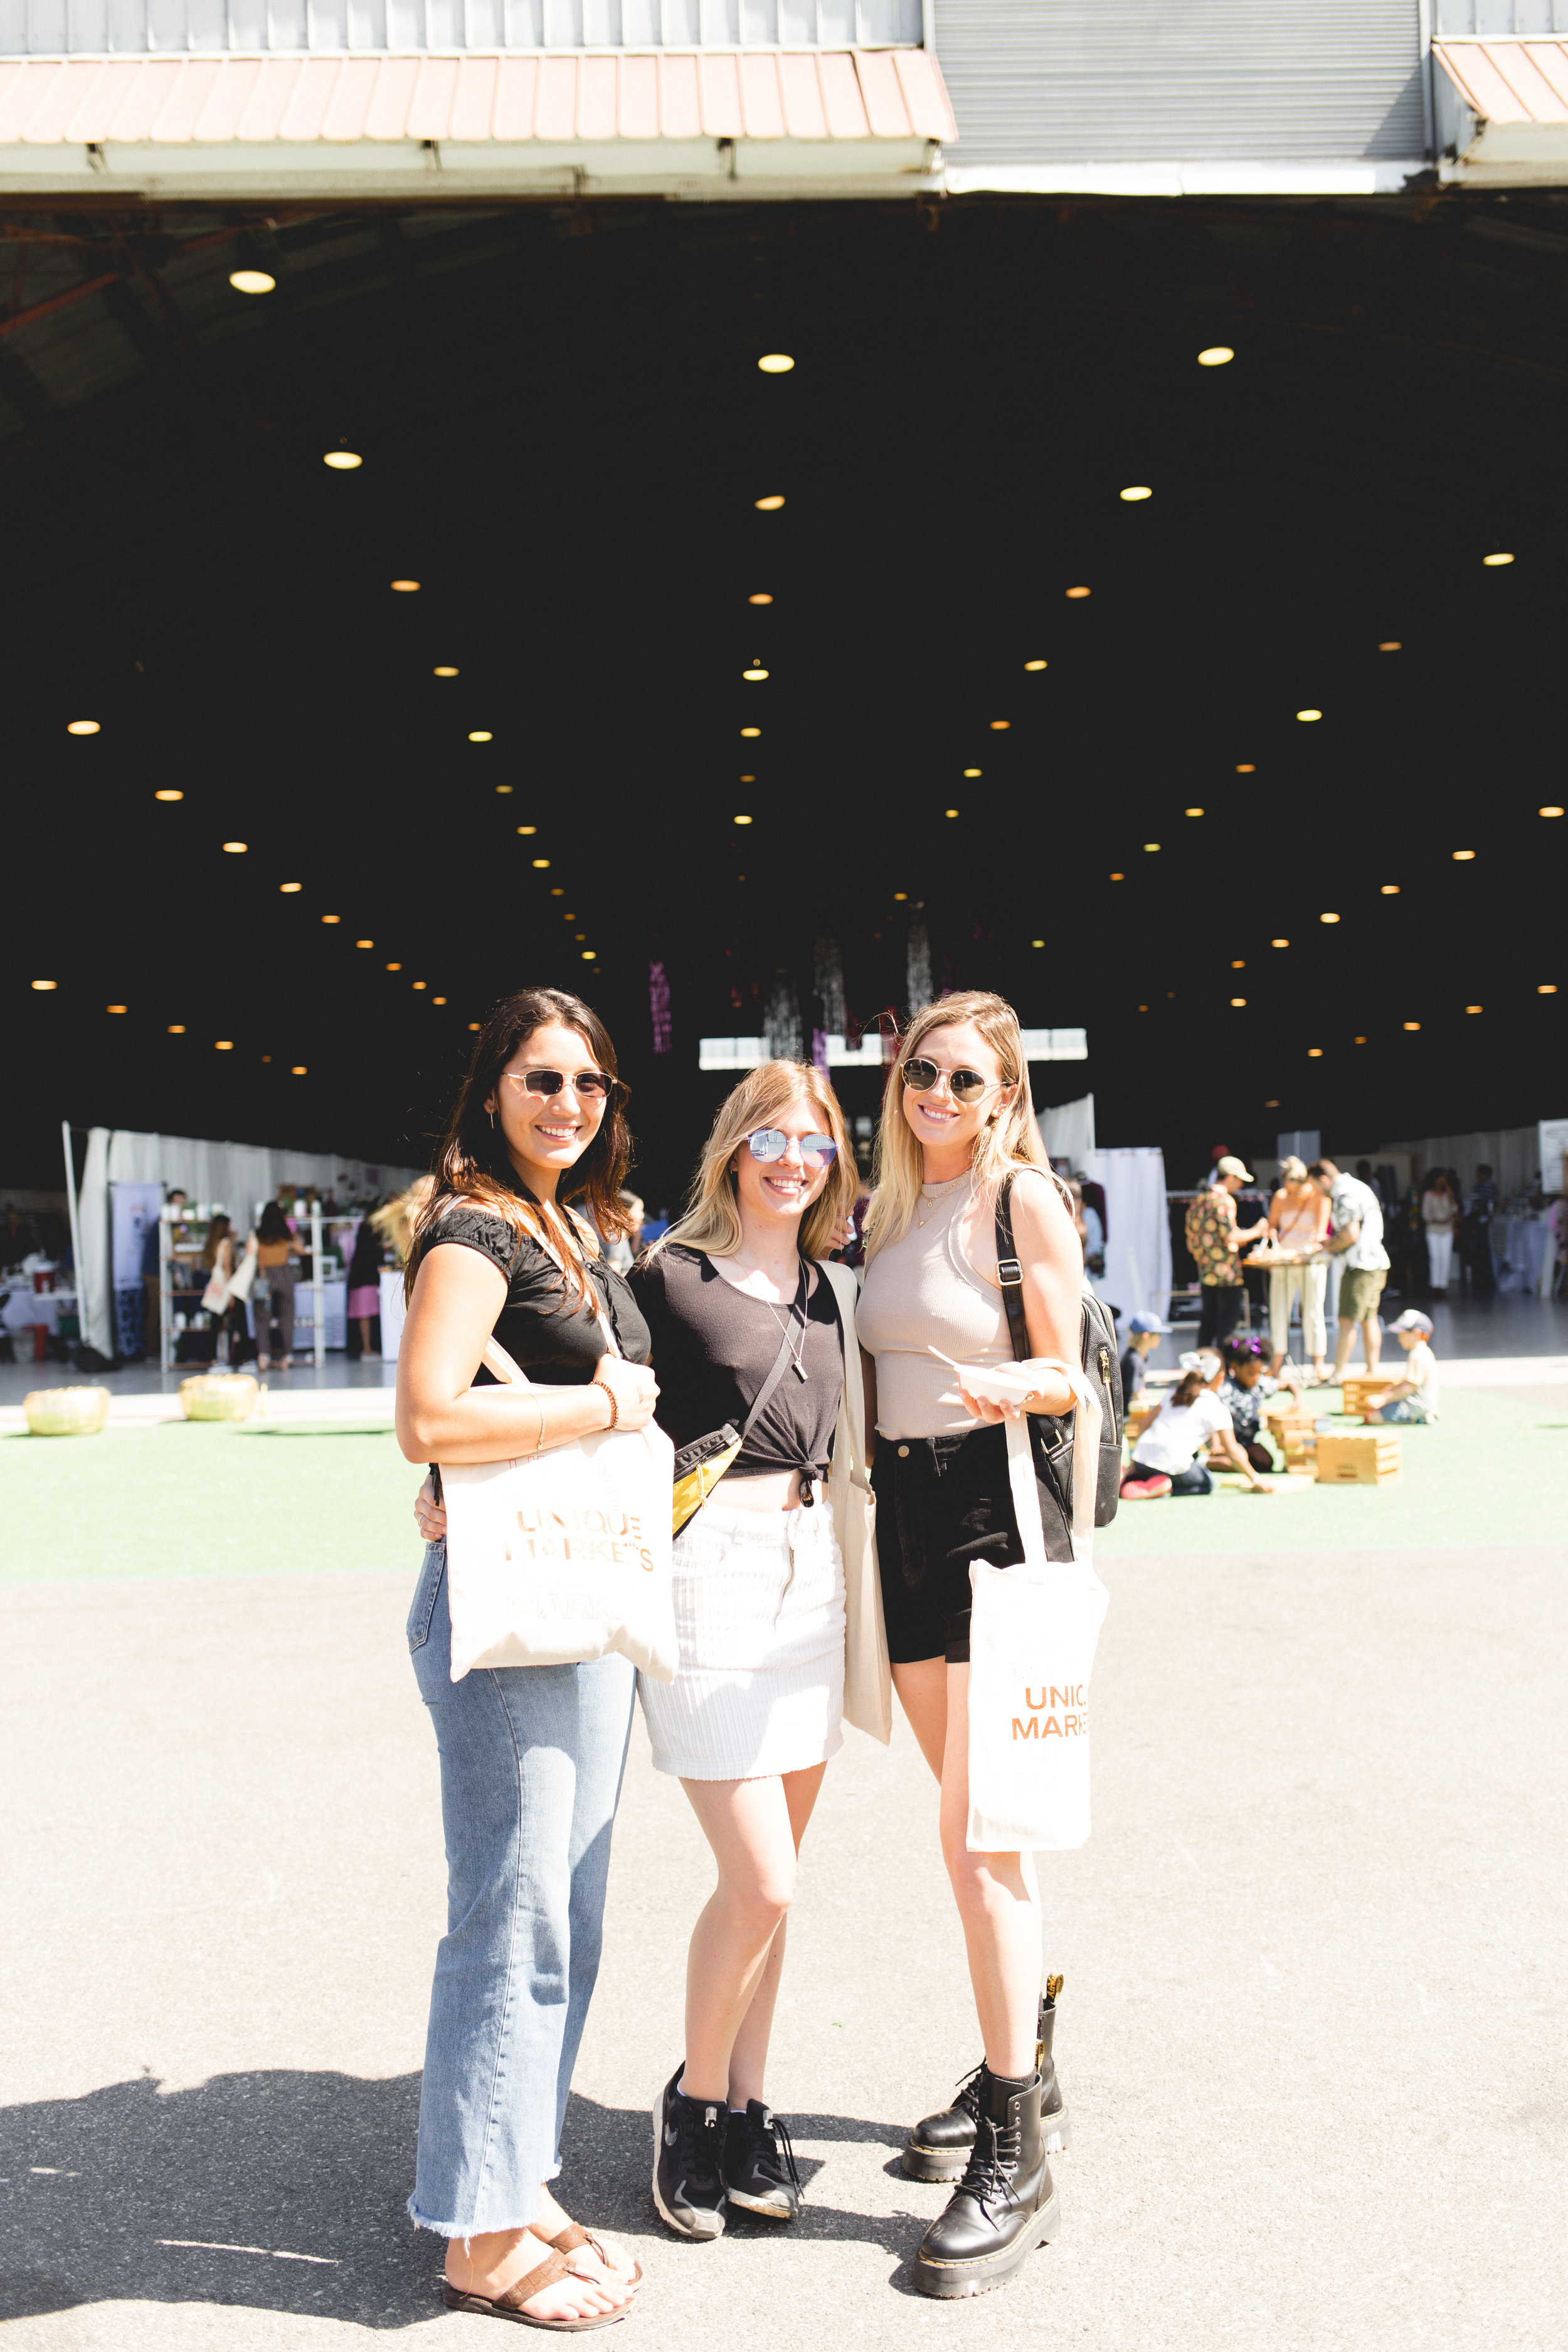 festival girls.jpg